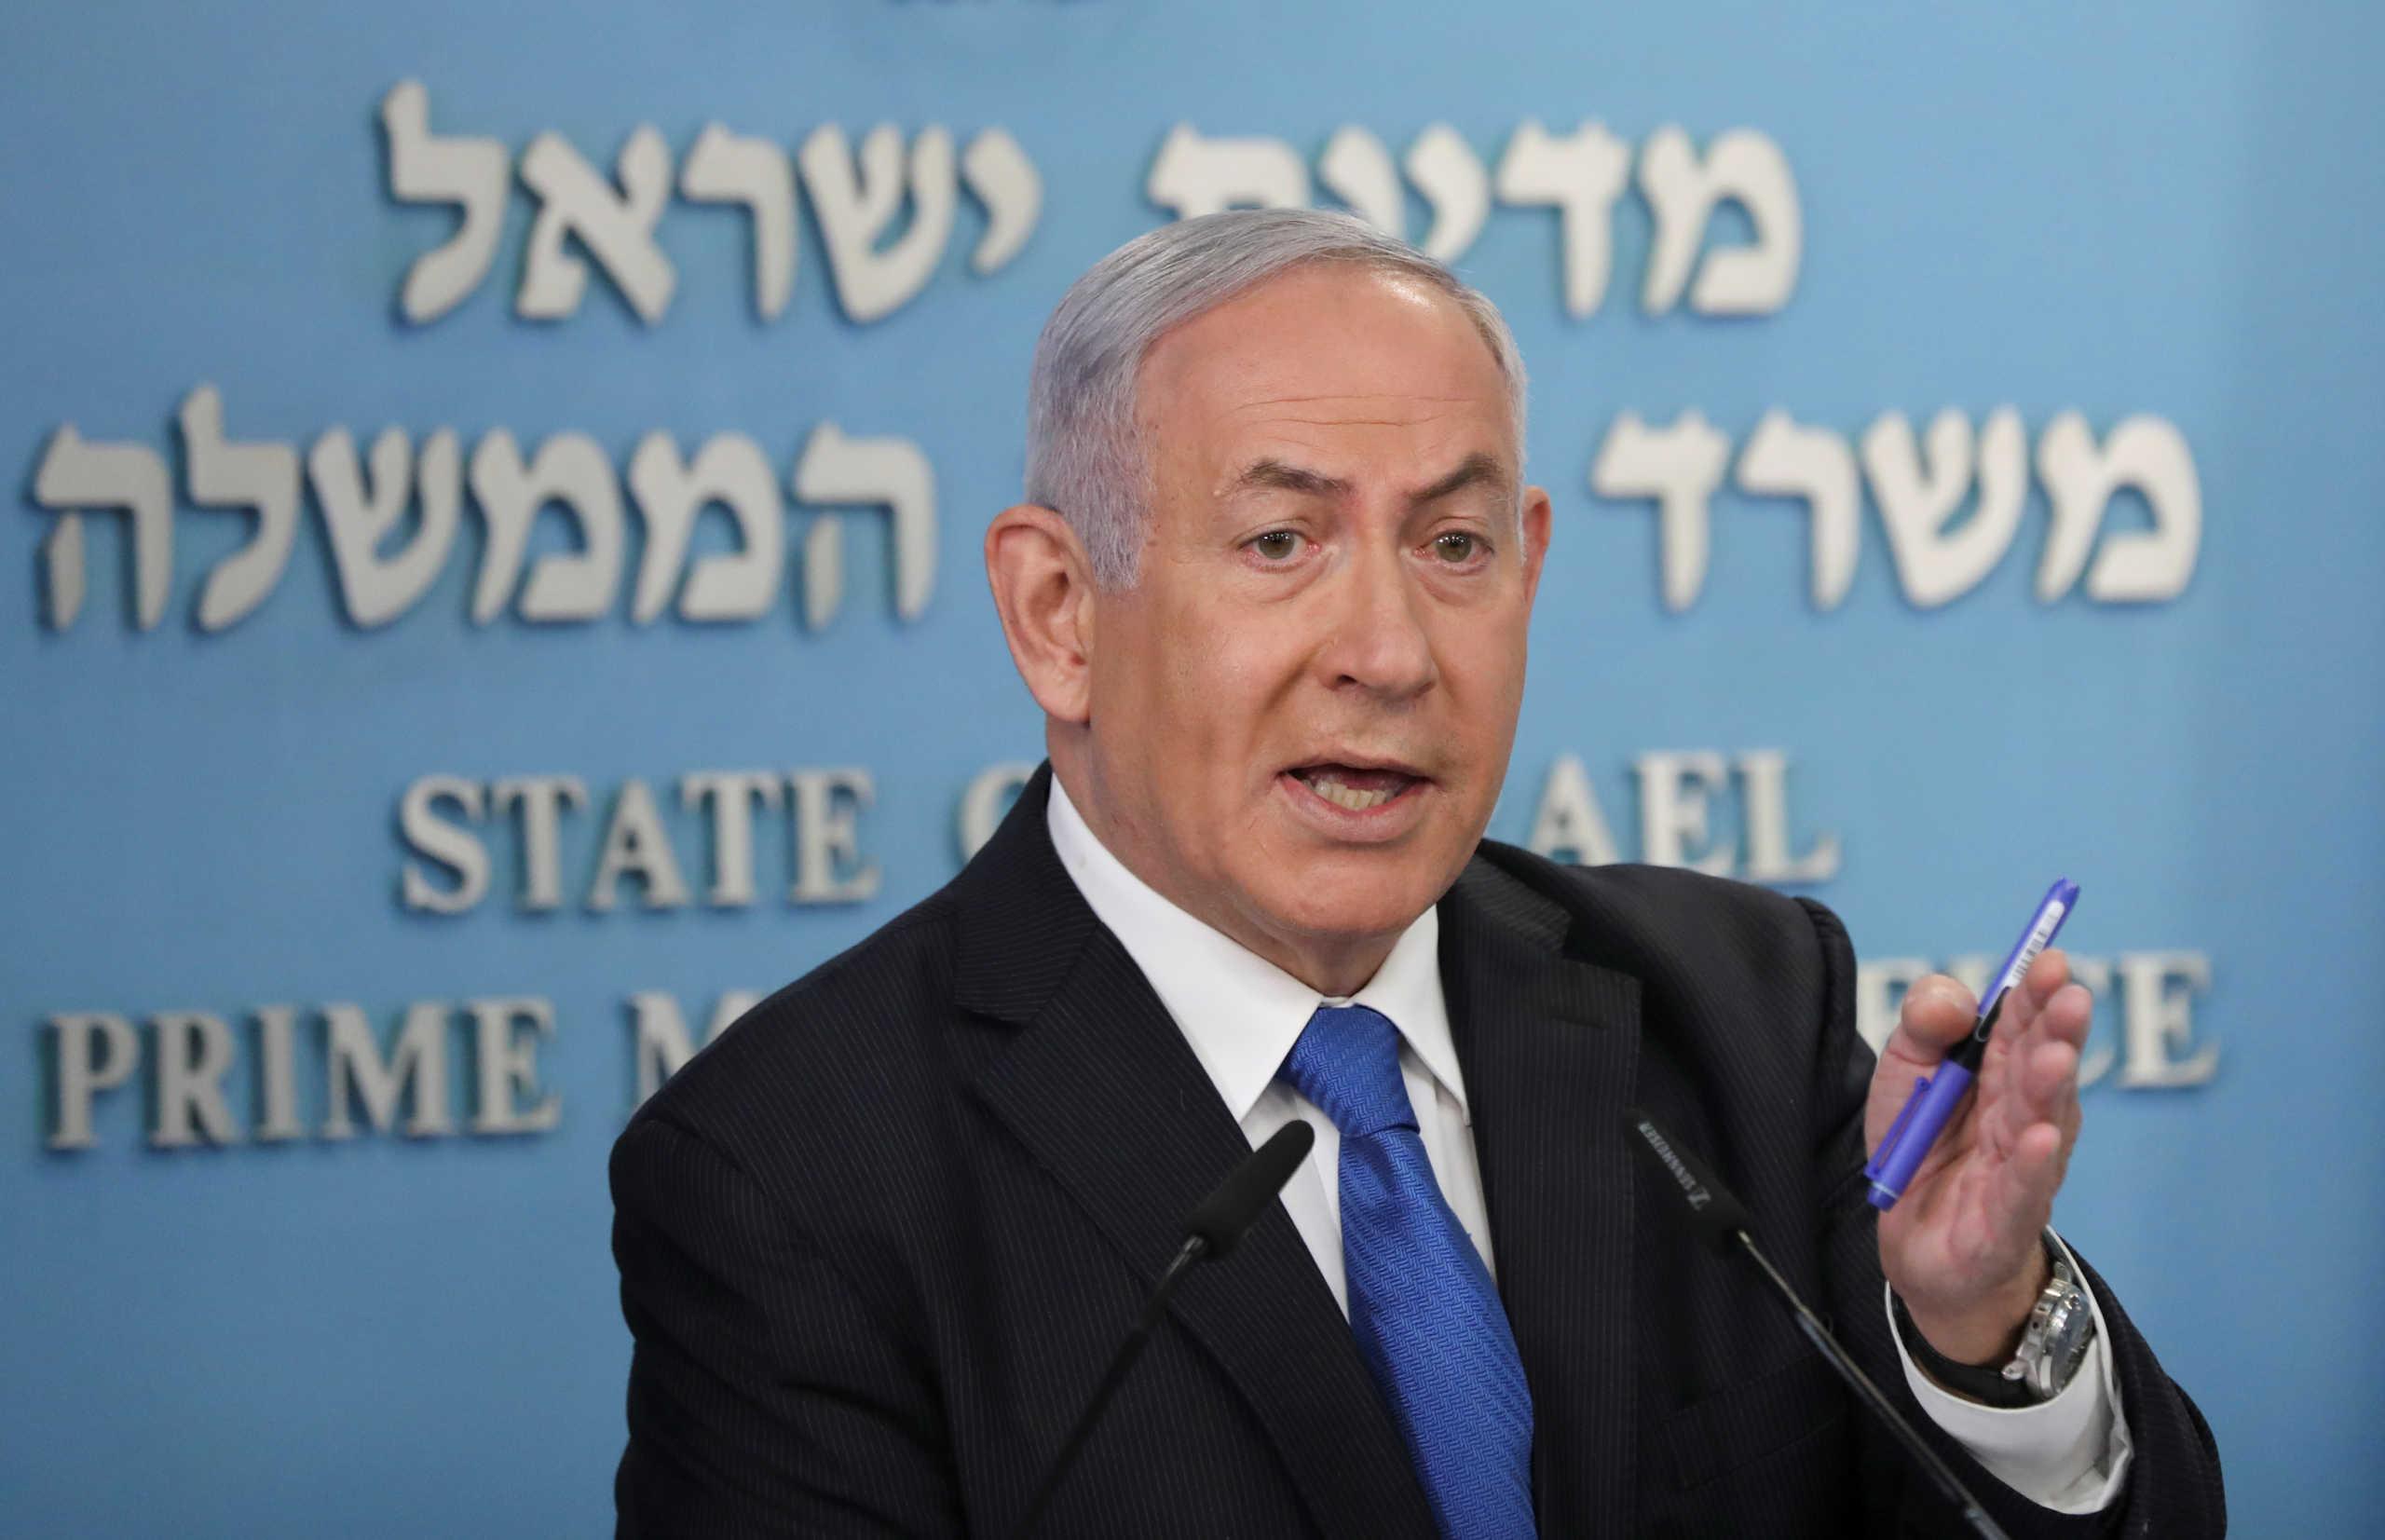 """Ισραήλ: """"Ψήνουν"""" την οριοθέτηση θαλάσσιων ζωνών με τον Λίβανο"""